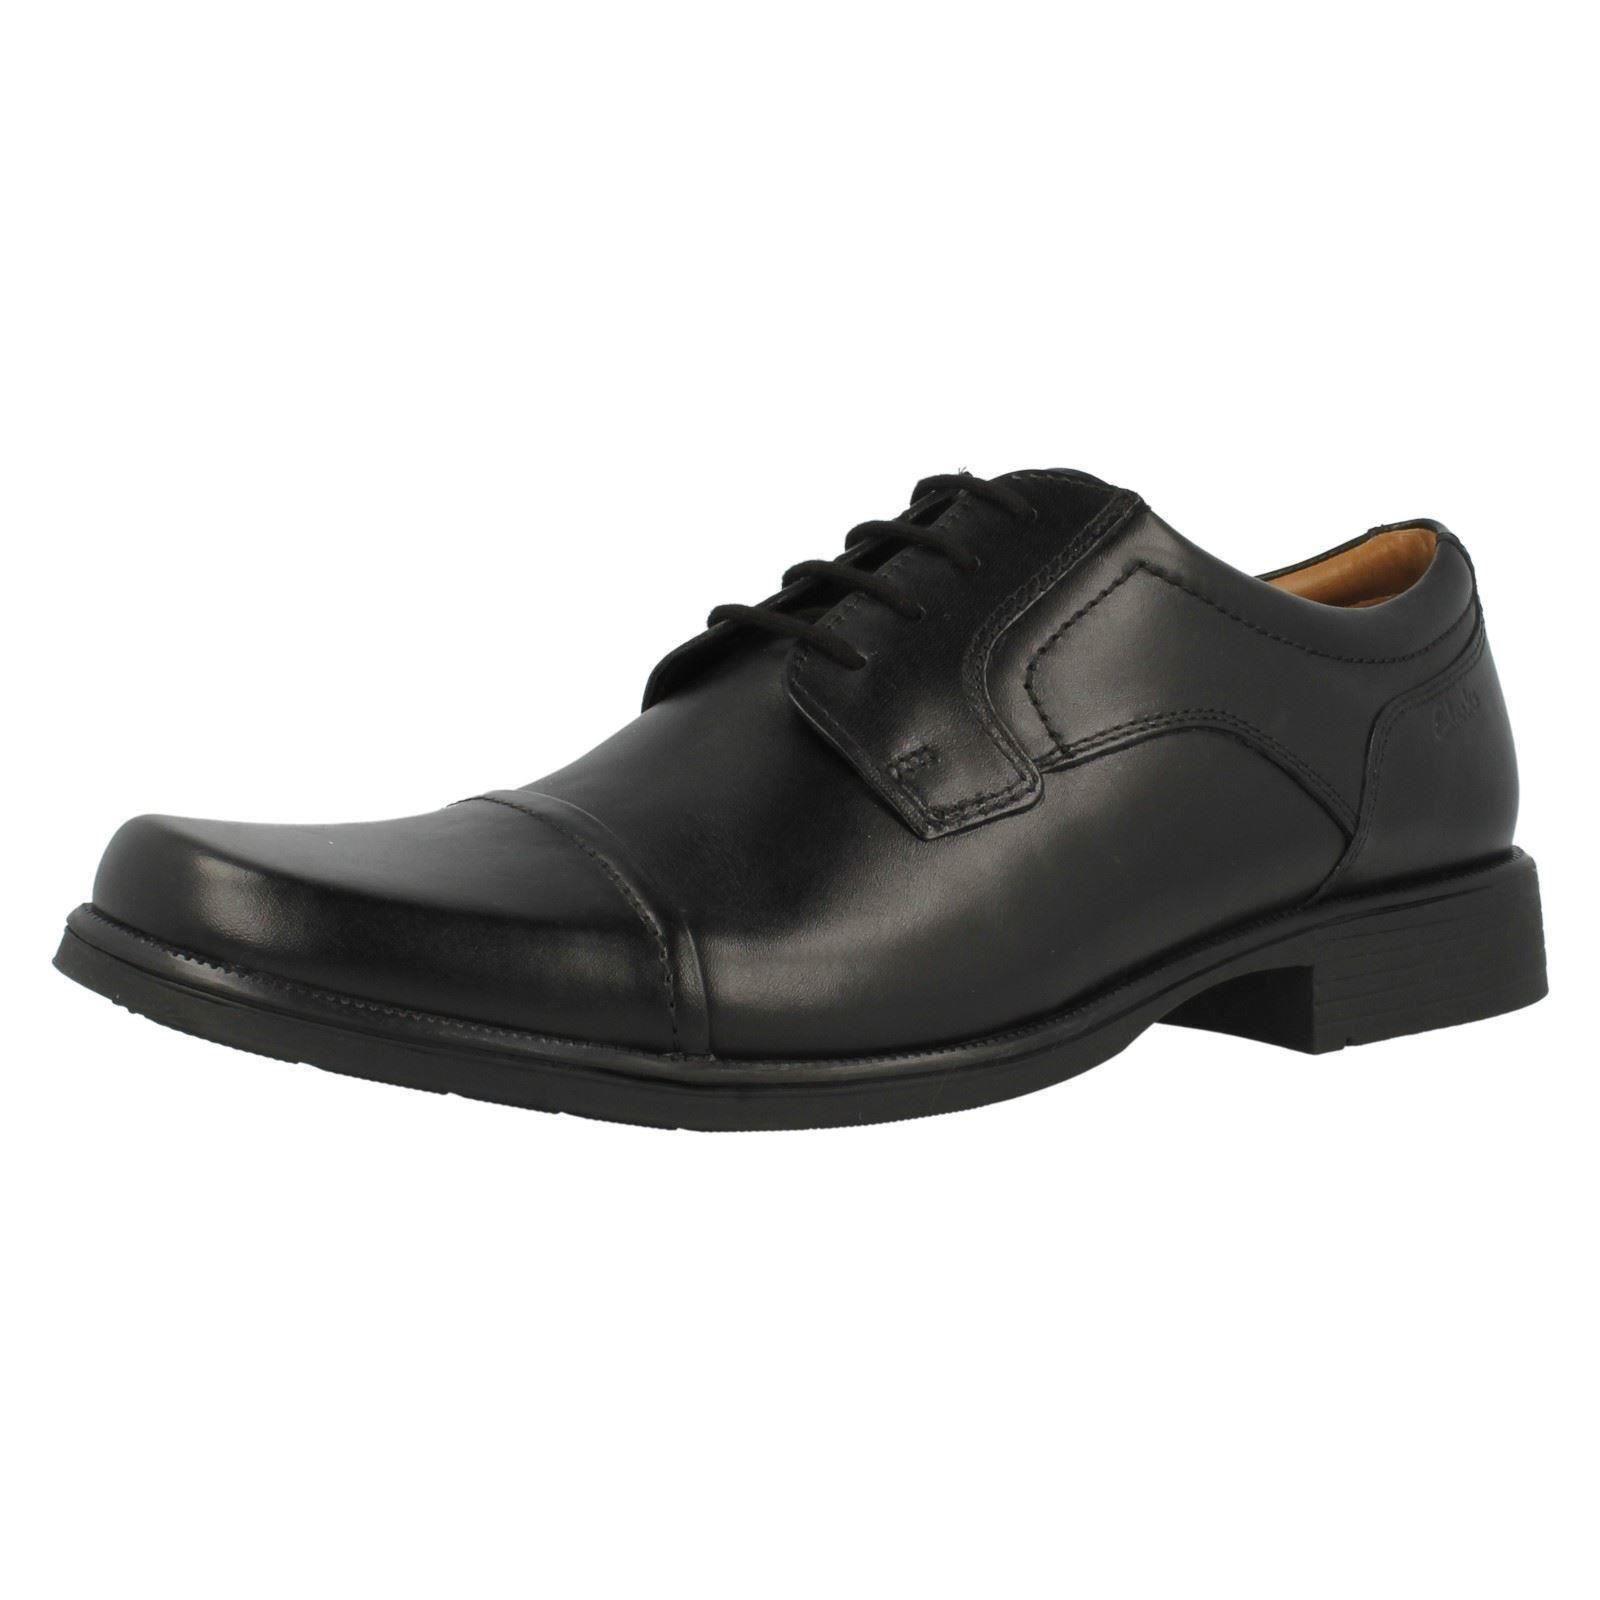 Clarks Huckley Kappe Schwarze Geschnürte Leder Herren Arbeit   Eleganter Schuh